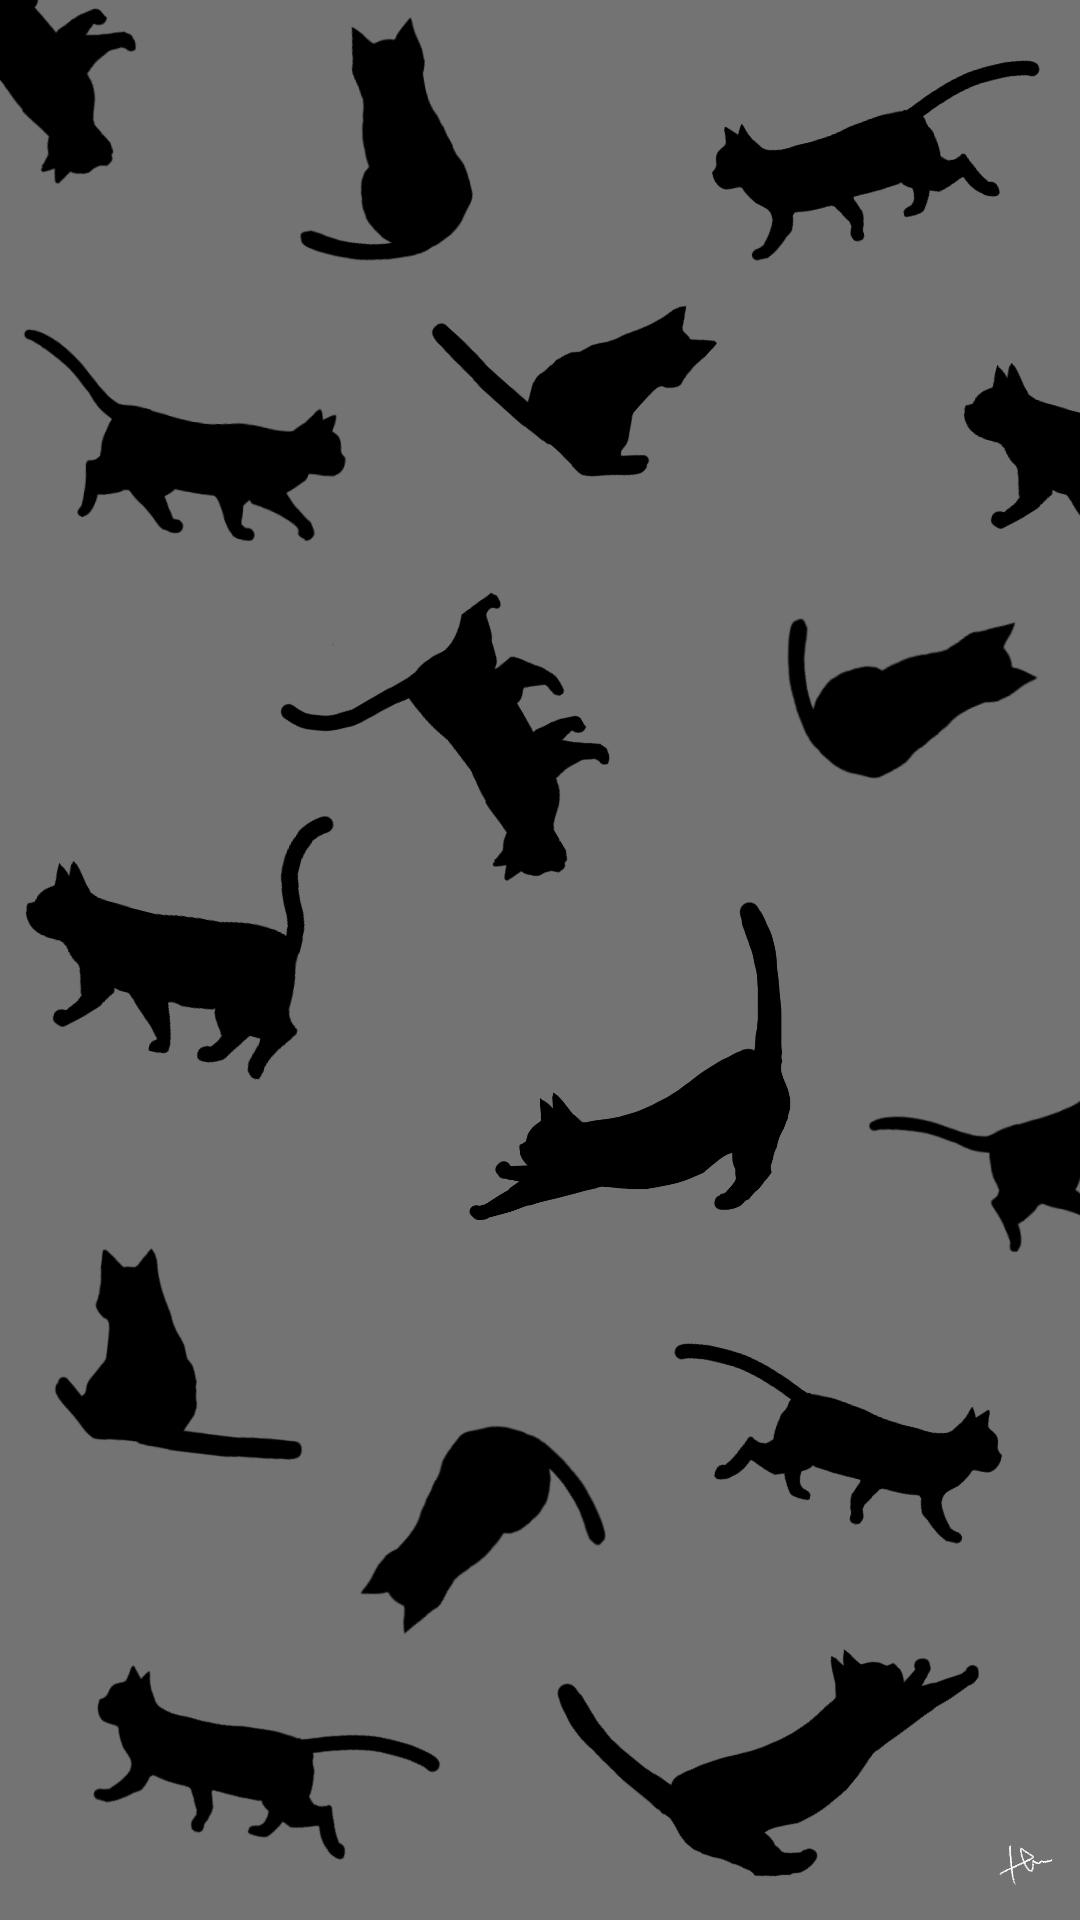 壁紙たくさんの猫のシルエットグレーブラック